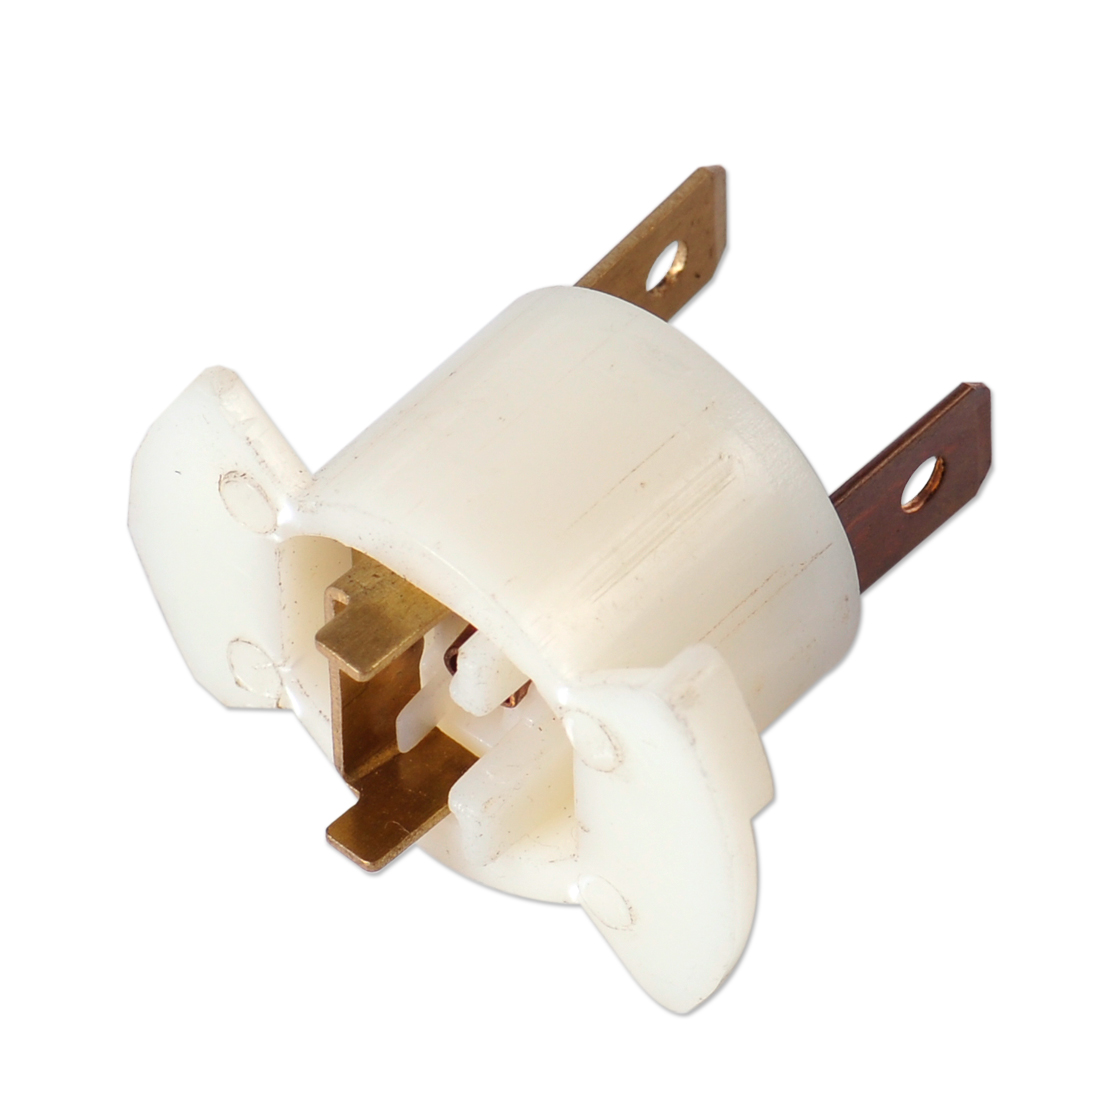 CITALL 1Pc White H1 Halogen Headlight Bulb Socket Holder